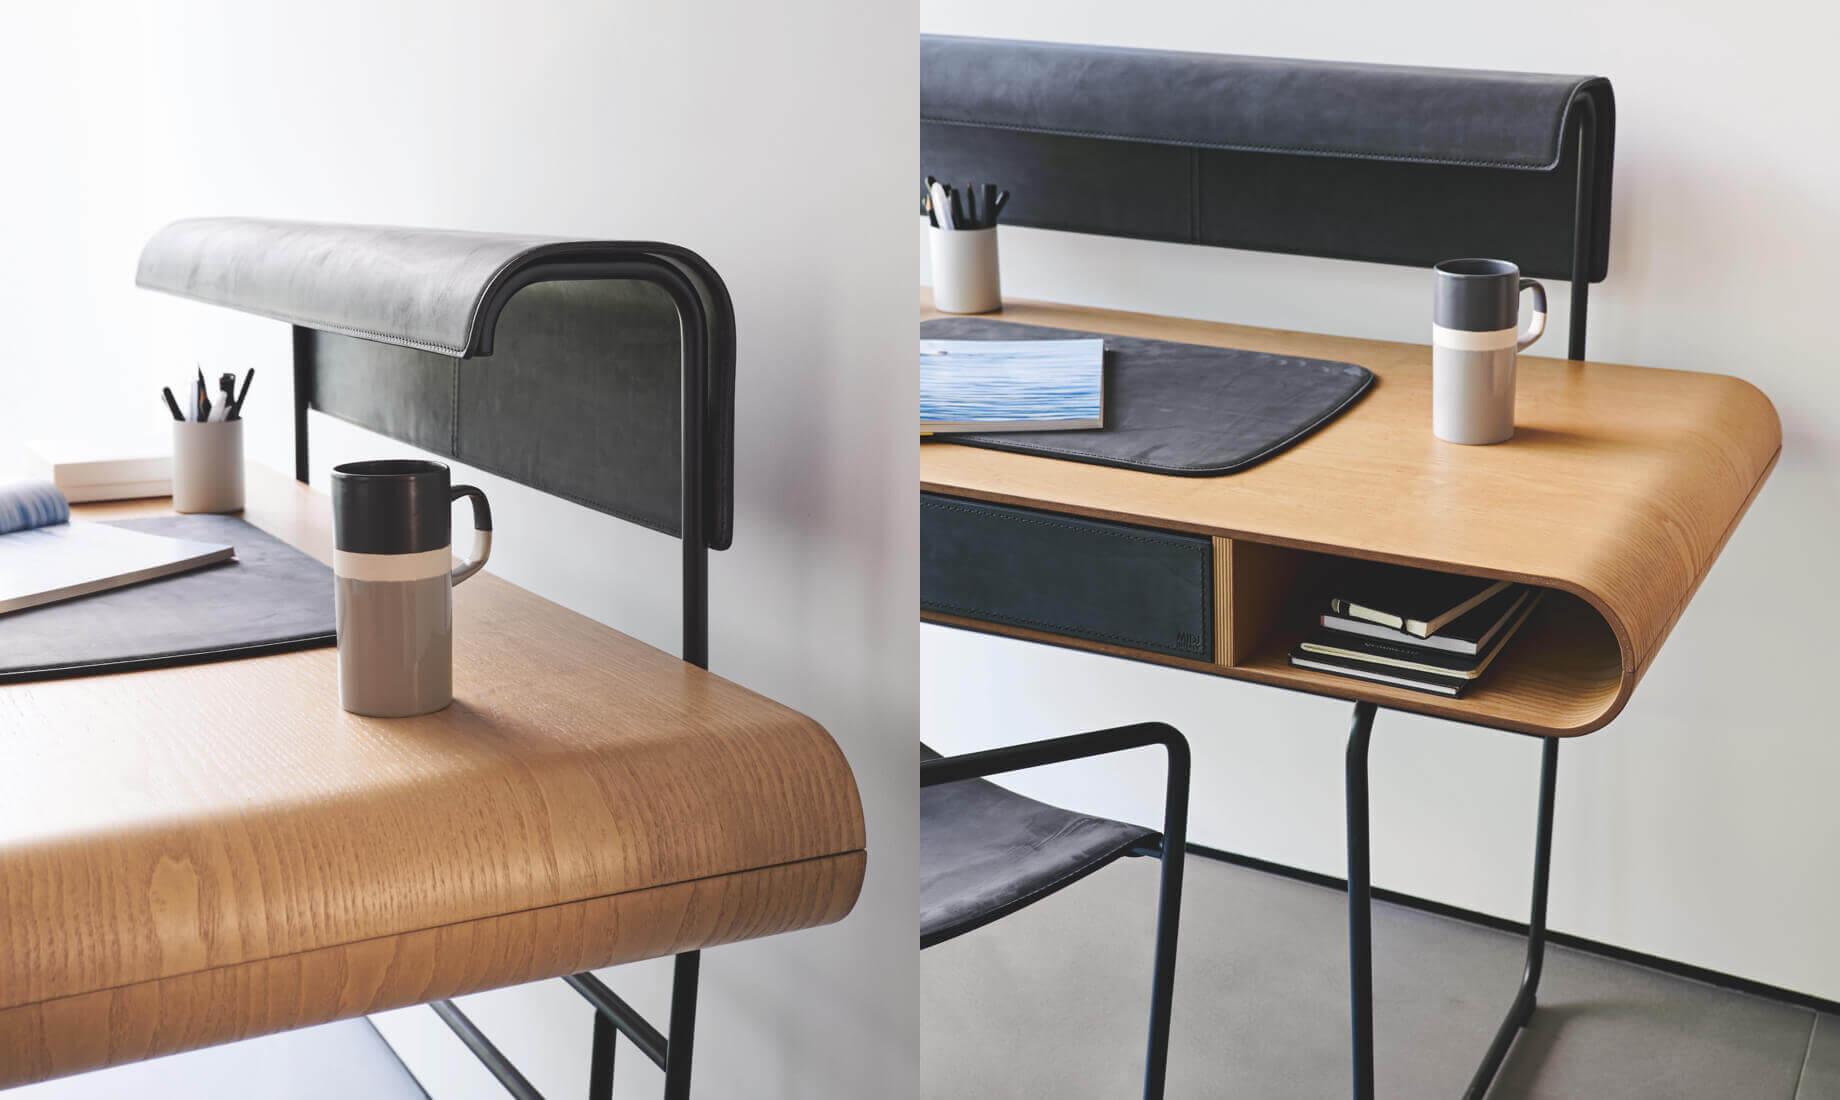 Apelle scrivania con luce integrata - Midj